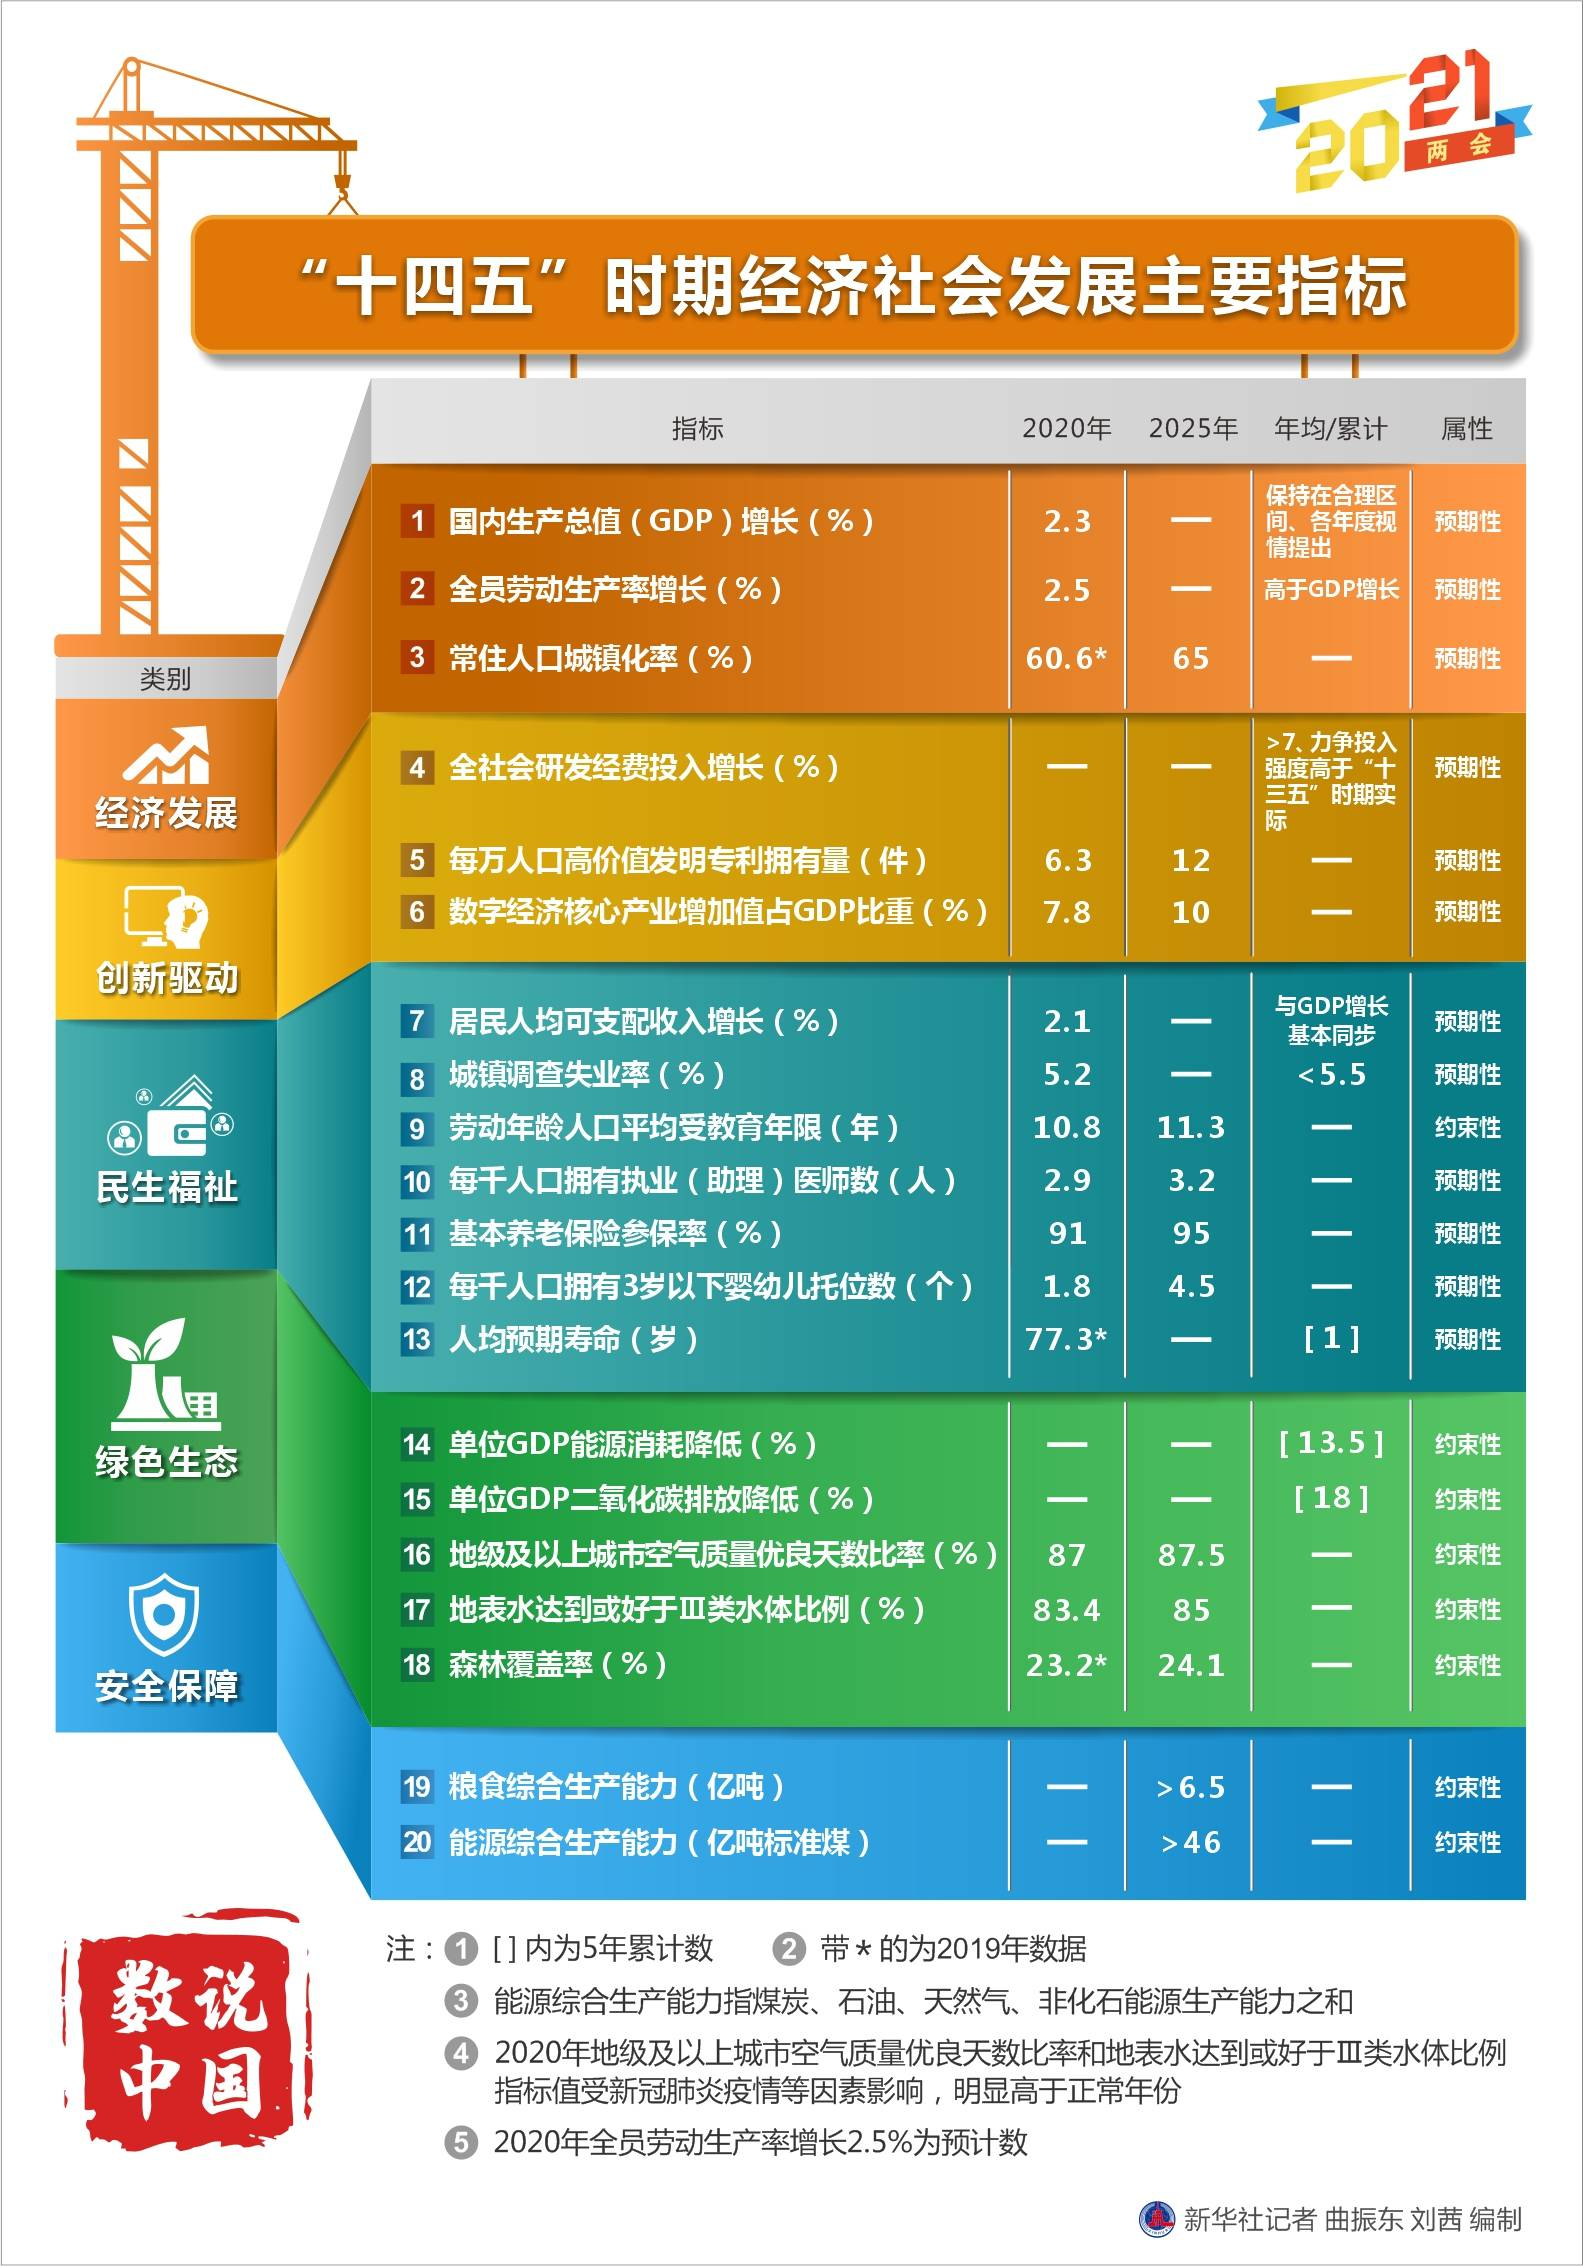 80年代中国经济总量柱状图_固安近几年经济柱状图